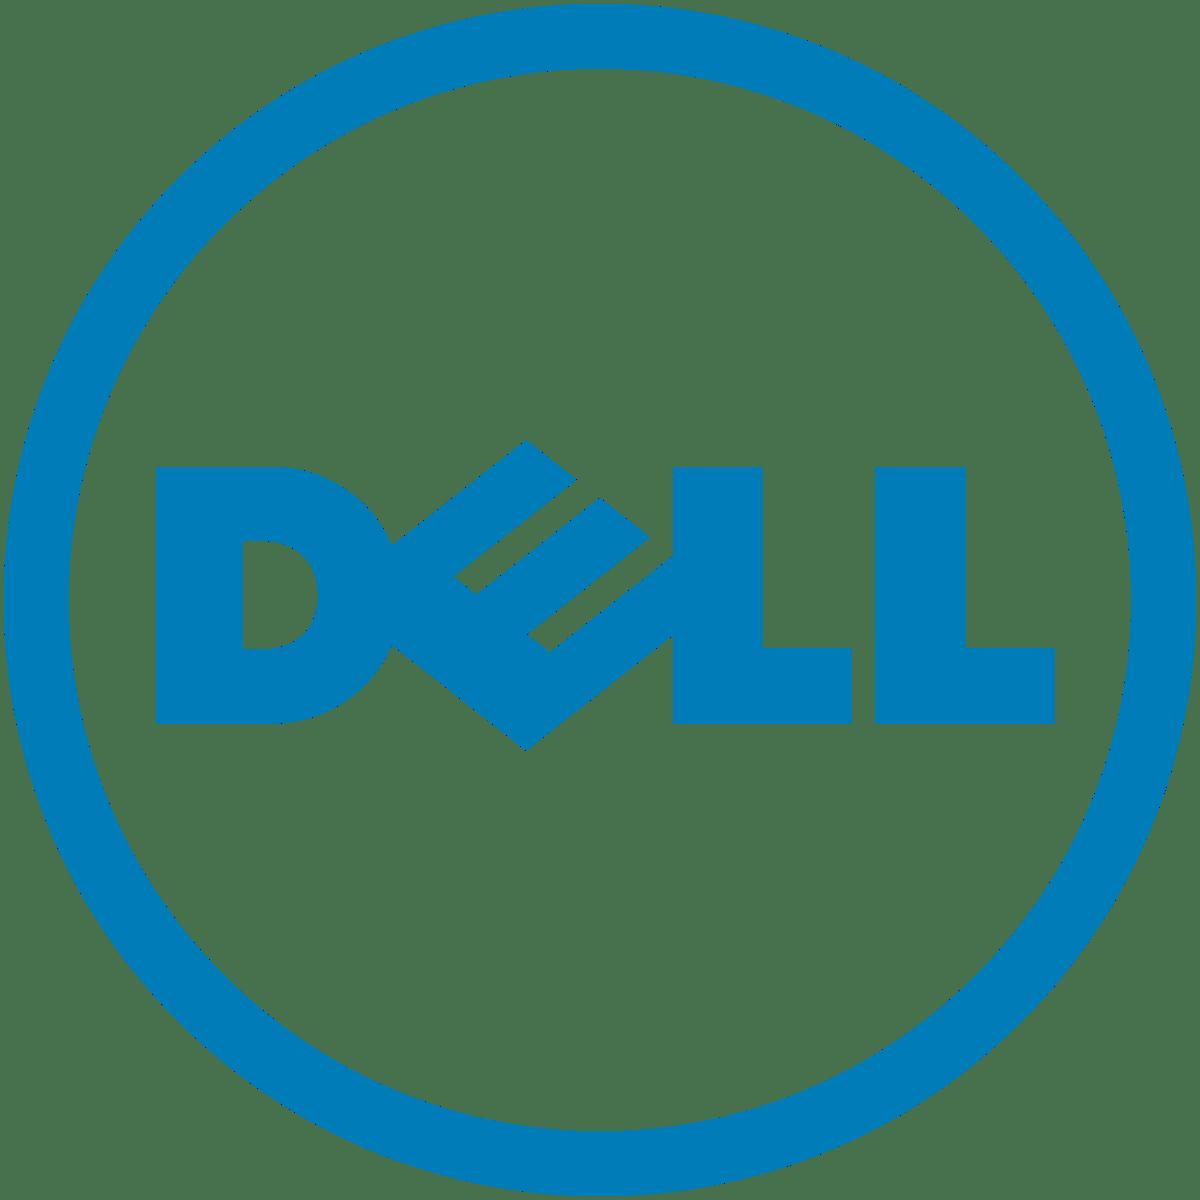 Dell CES 2019